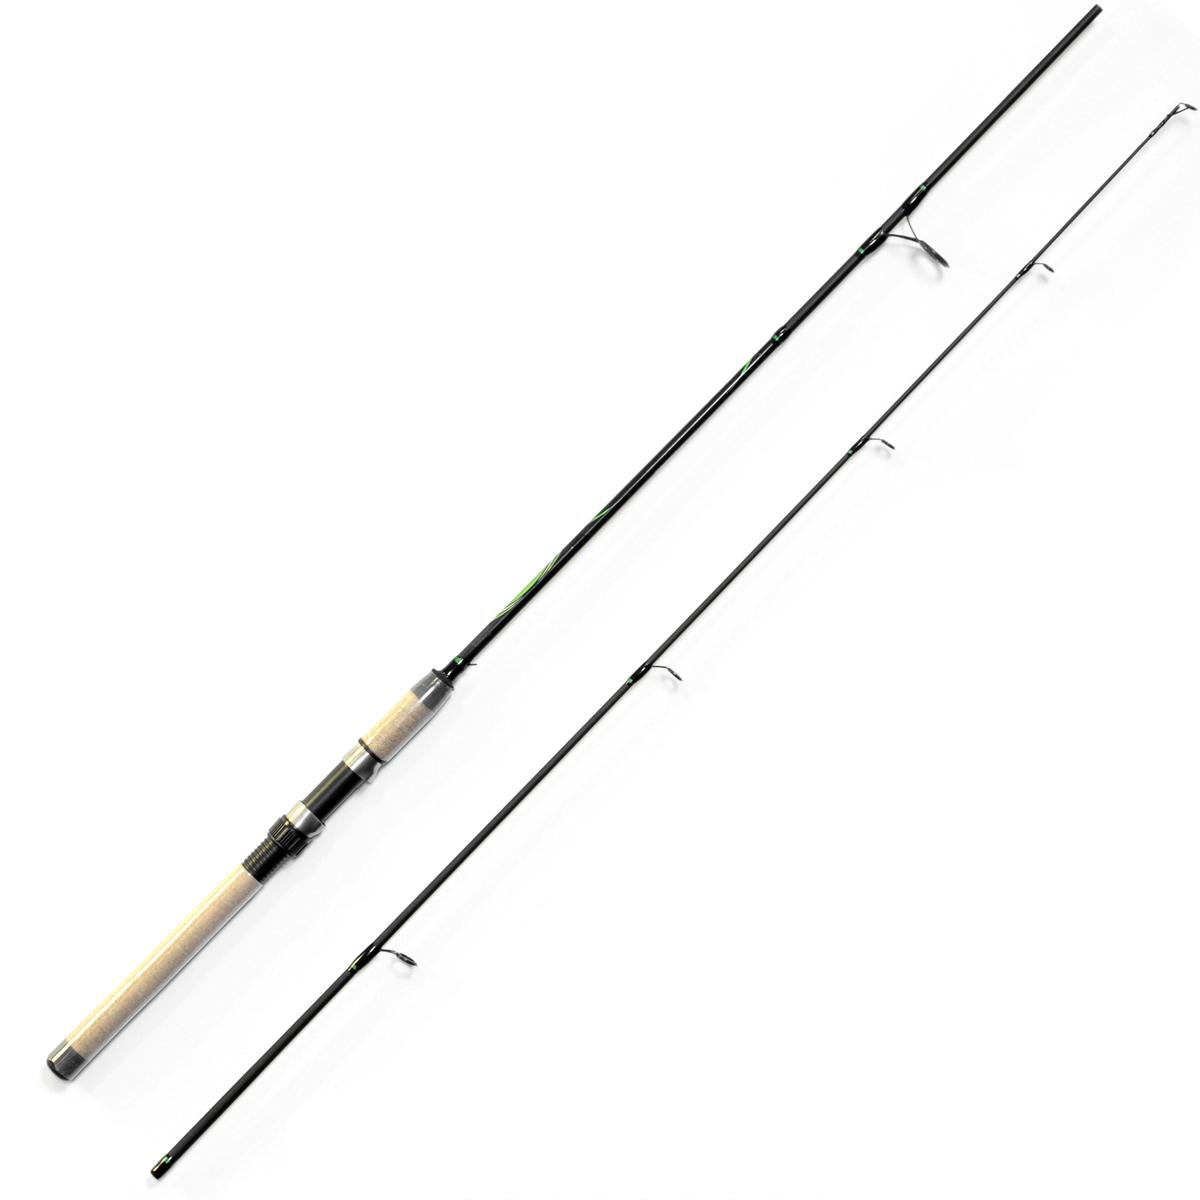 Спиннинг Salmo Sniper ULTRA SPIN 25 2.10, длина 2,1м, 5-25г2516-210Универсальный спиннинг среднего строя из композита. Бланк имеет классическую расстановку колец со вставками SIC на одной ножке крепления, а самое большое – на двух, стык колен спиннинга произведен по типу OVER STEEK. Ручка имеет классический катушкодержатель с нижней гайкой крепления и пластиковый наконечник на торце. - Материал бланка удилища – композит - Строй бланка средний - Класс спиннинга M - Конструкция штекерная - Соединение колен типа OVER STEEK - Кольца пропускные: – усиленные – со вставками SIC – с расстановкой по классической концепции - Рукоятка: пробковая - Катушкодержатель: – винтового типа - Проволочная петля для закрепления приманок